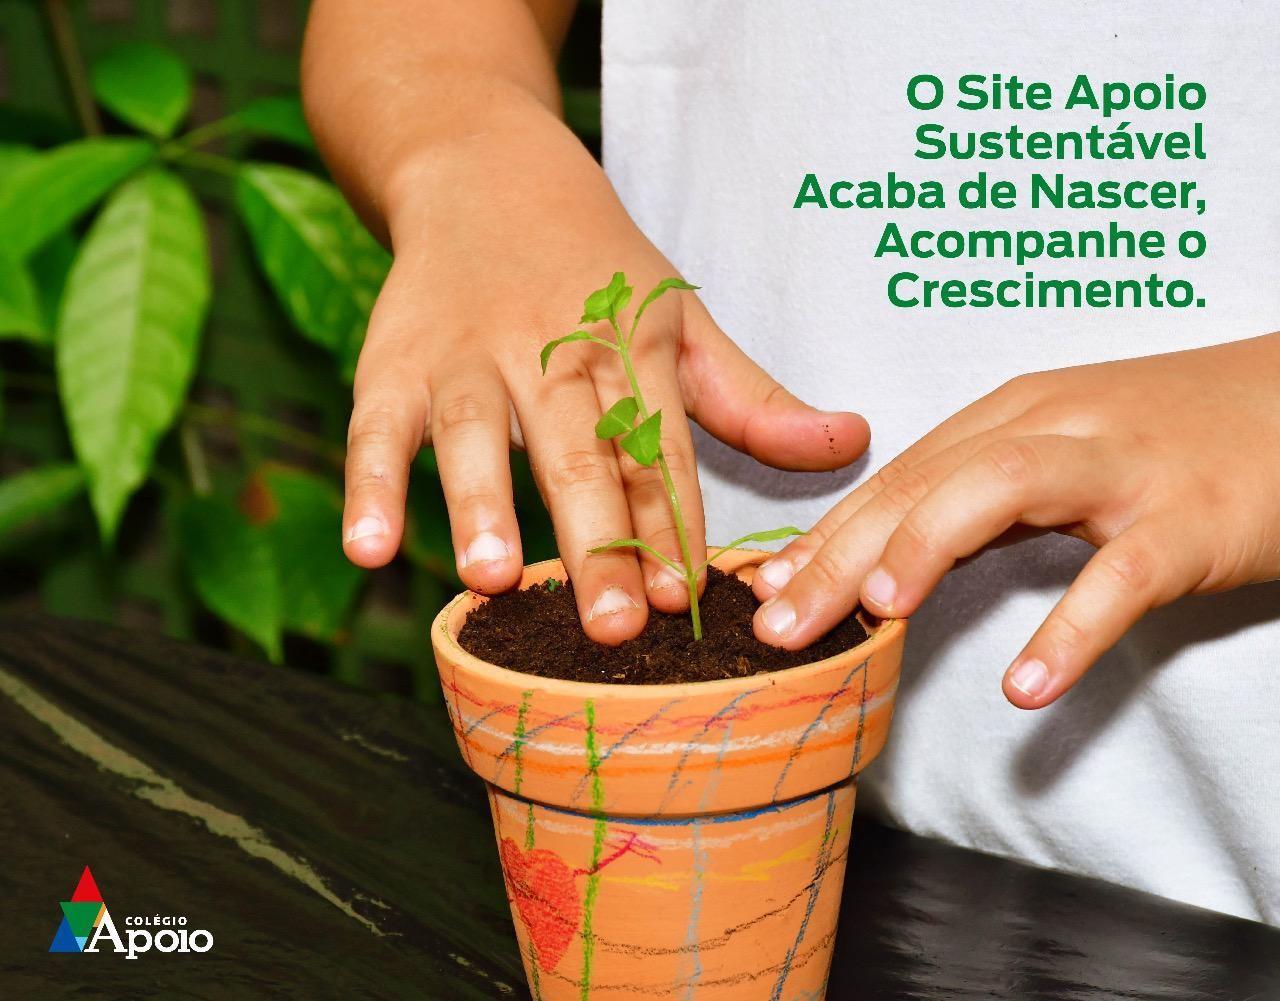 Site Apoio Sustentável.